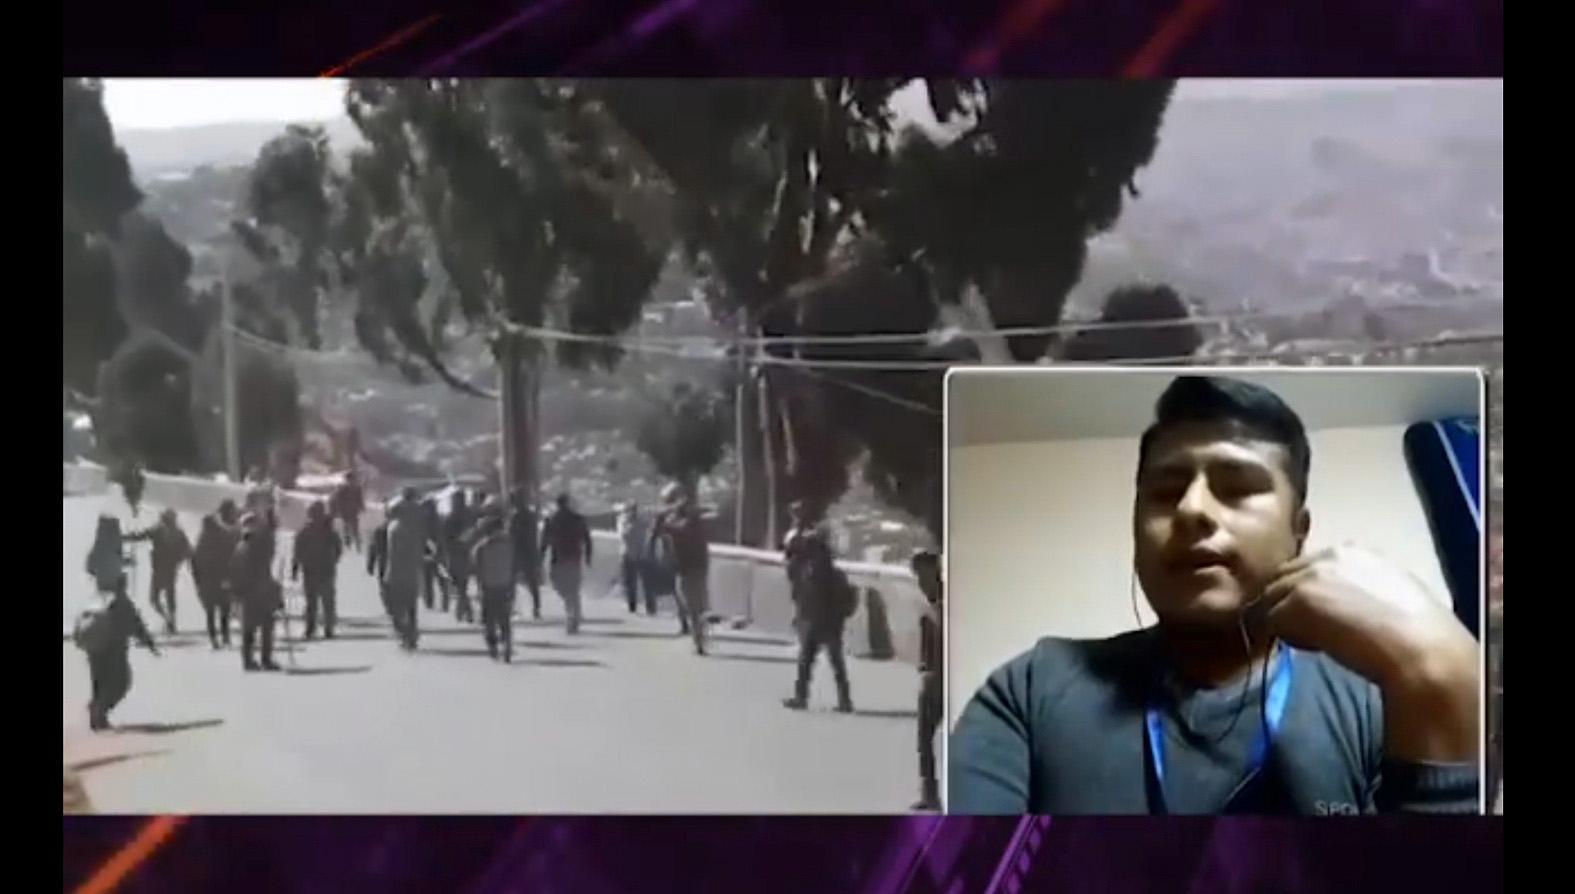 Las imágenes muestran las protestas registradas el pasado viernes 14 de agosto, en la autopista La Paz-El Alto, y en la fotografía pequeña aparece el periodista Omar Escóbar / CAPTURA PANTALLA POSDATA